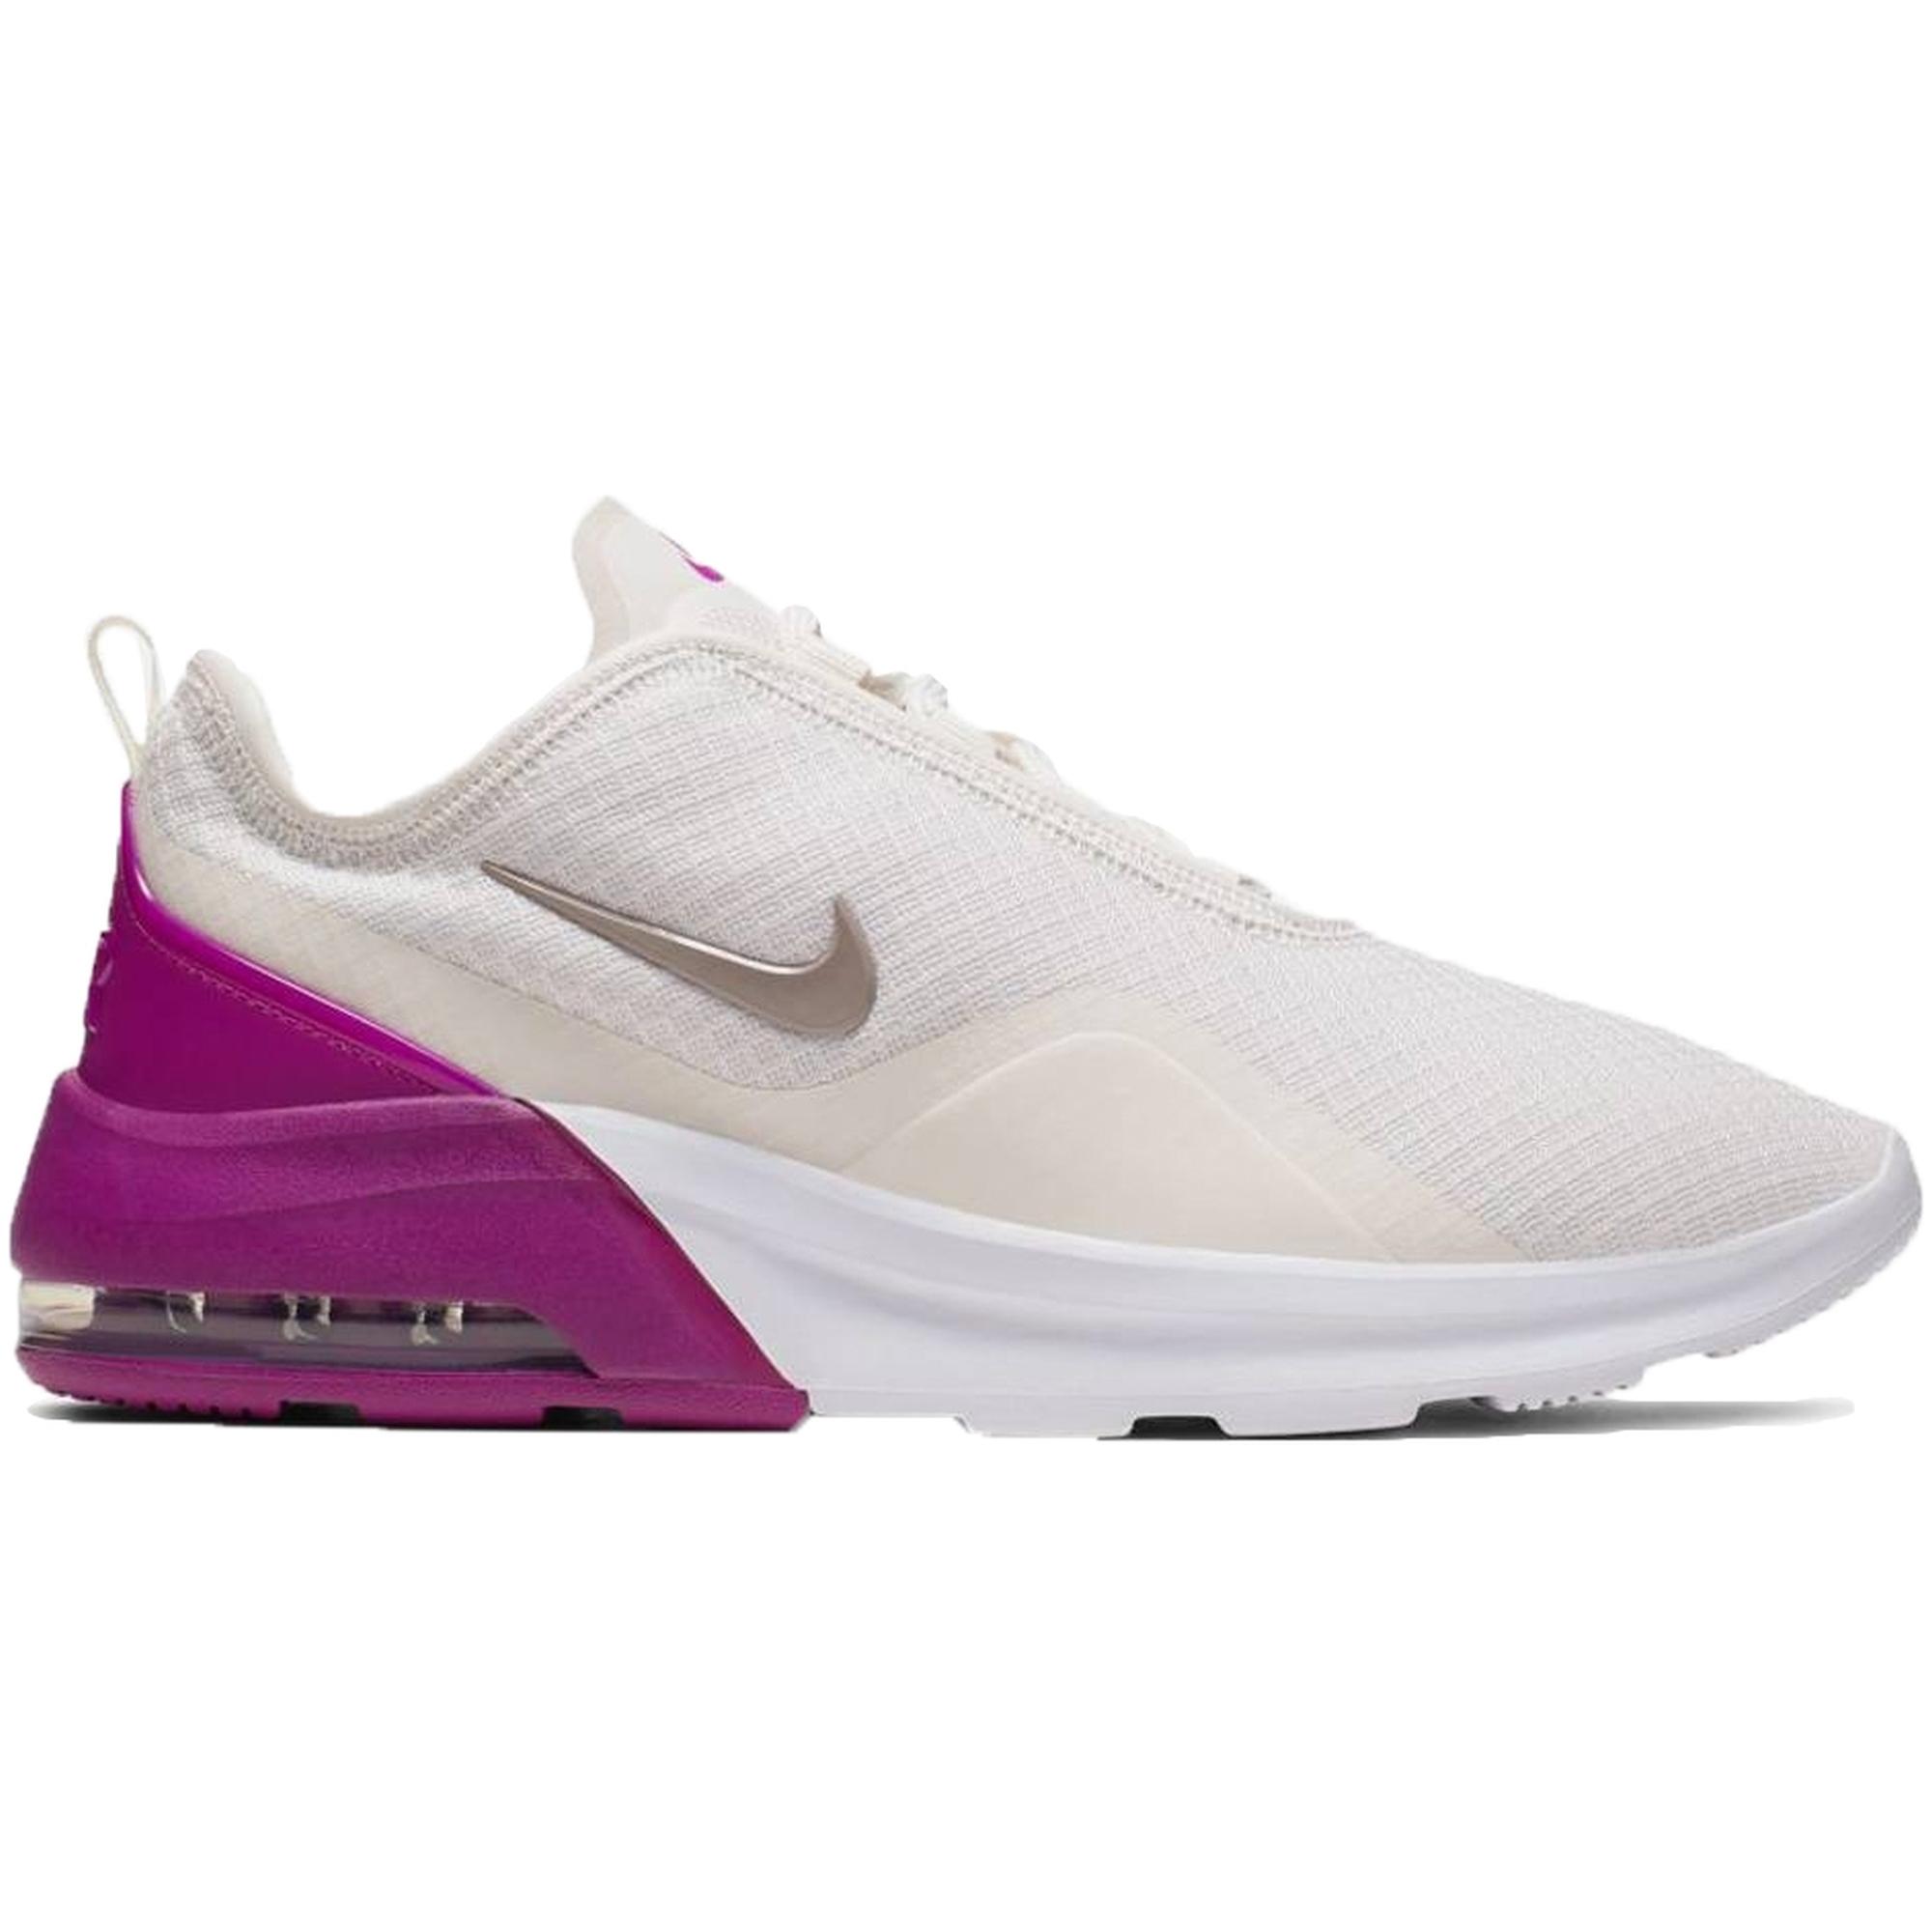 Damen Nike Air Max Motion 2 US=9,5 UK=7 EU=41 25,8cm